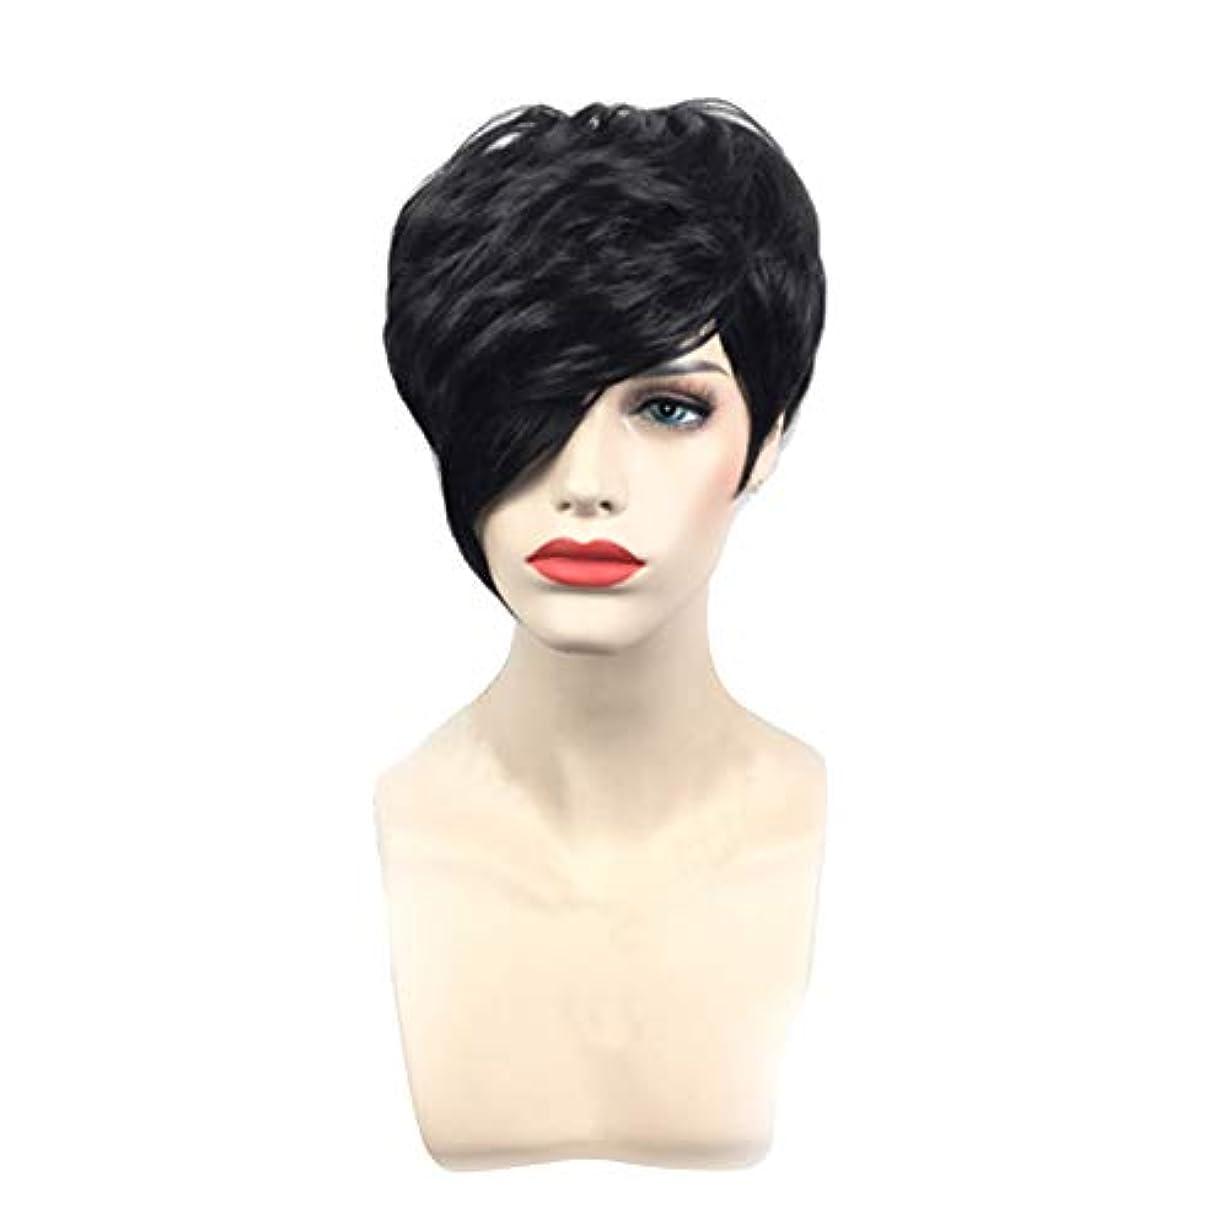 作成者ステッチ分黒の短いストレートヘアフルウィッグファッションコス小道具かつら